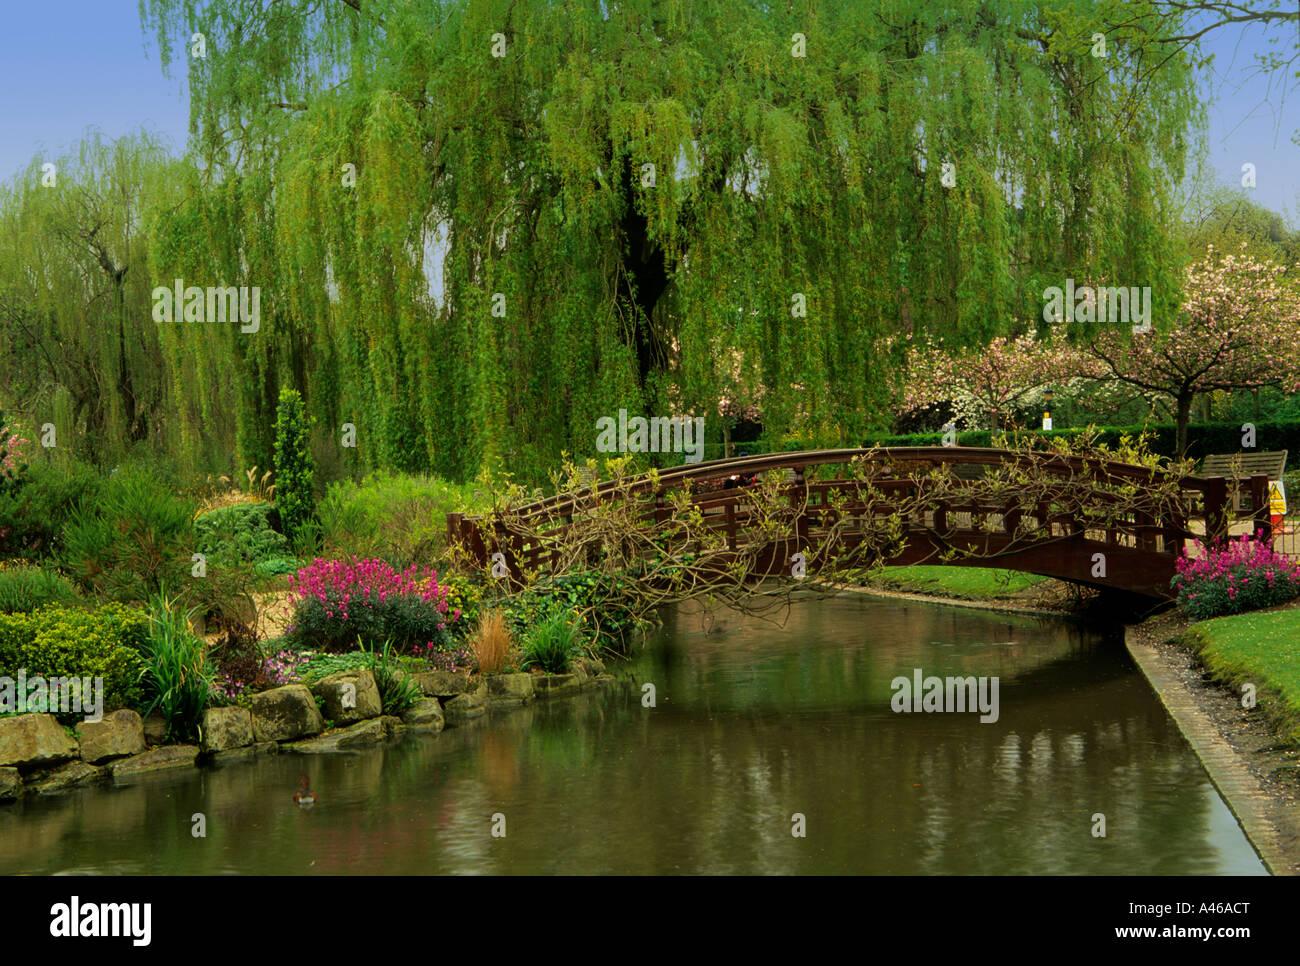 Queen Mary S Garden Regents Park Gardens London Stock